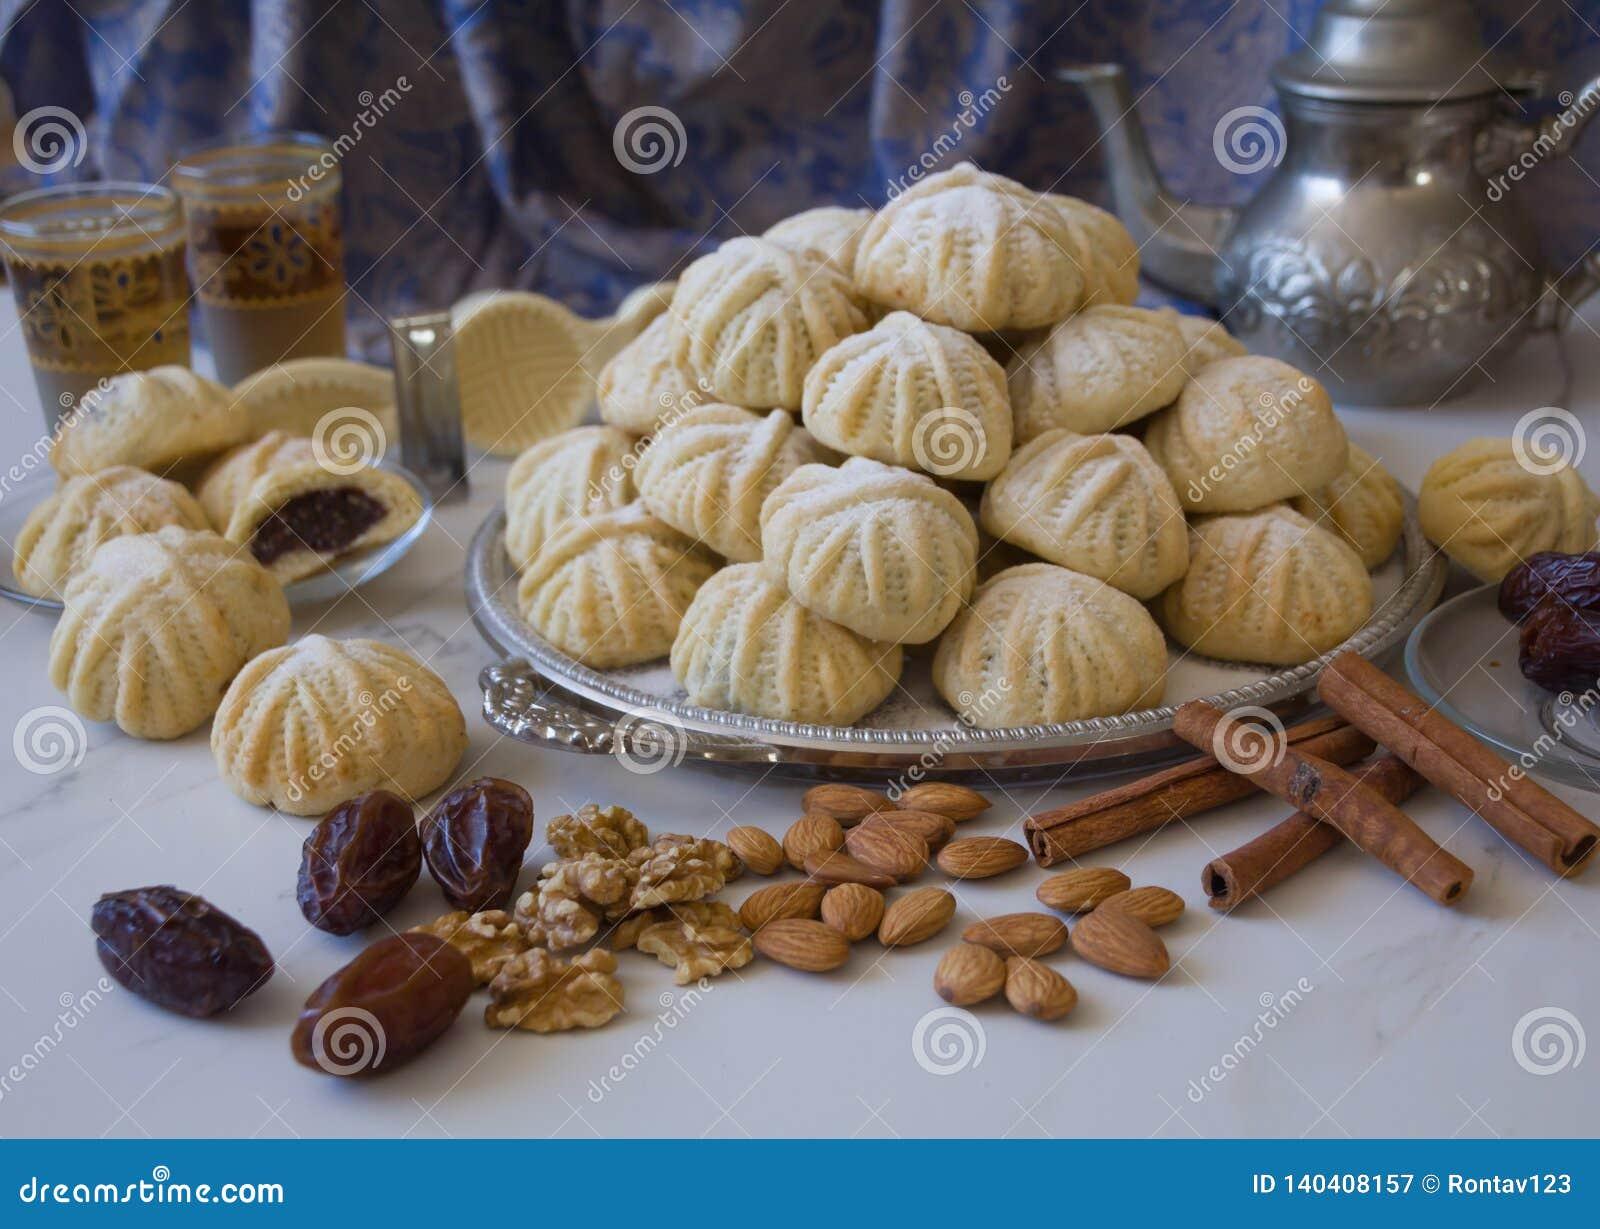 Handen dekorerade 'Maamoul 'en arabisk efterrätt fyllde kakor som gjordes med data deg, mandlar, valnötter och kanel